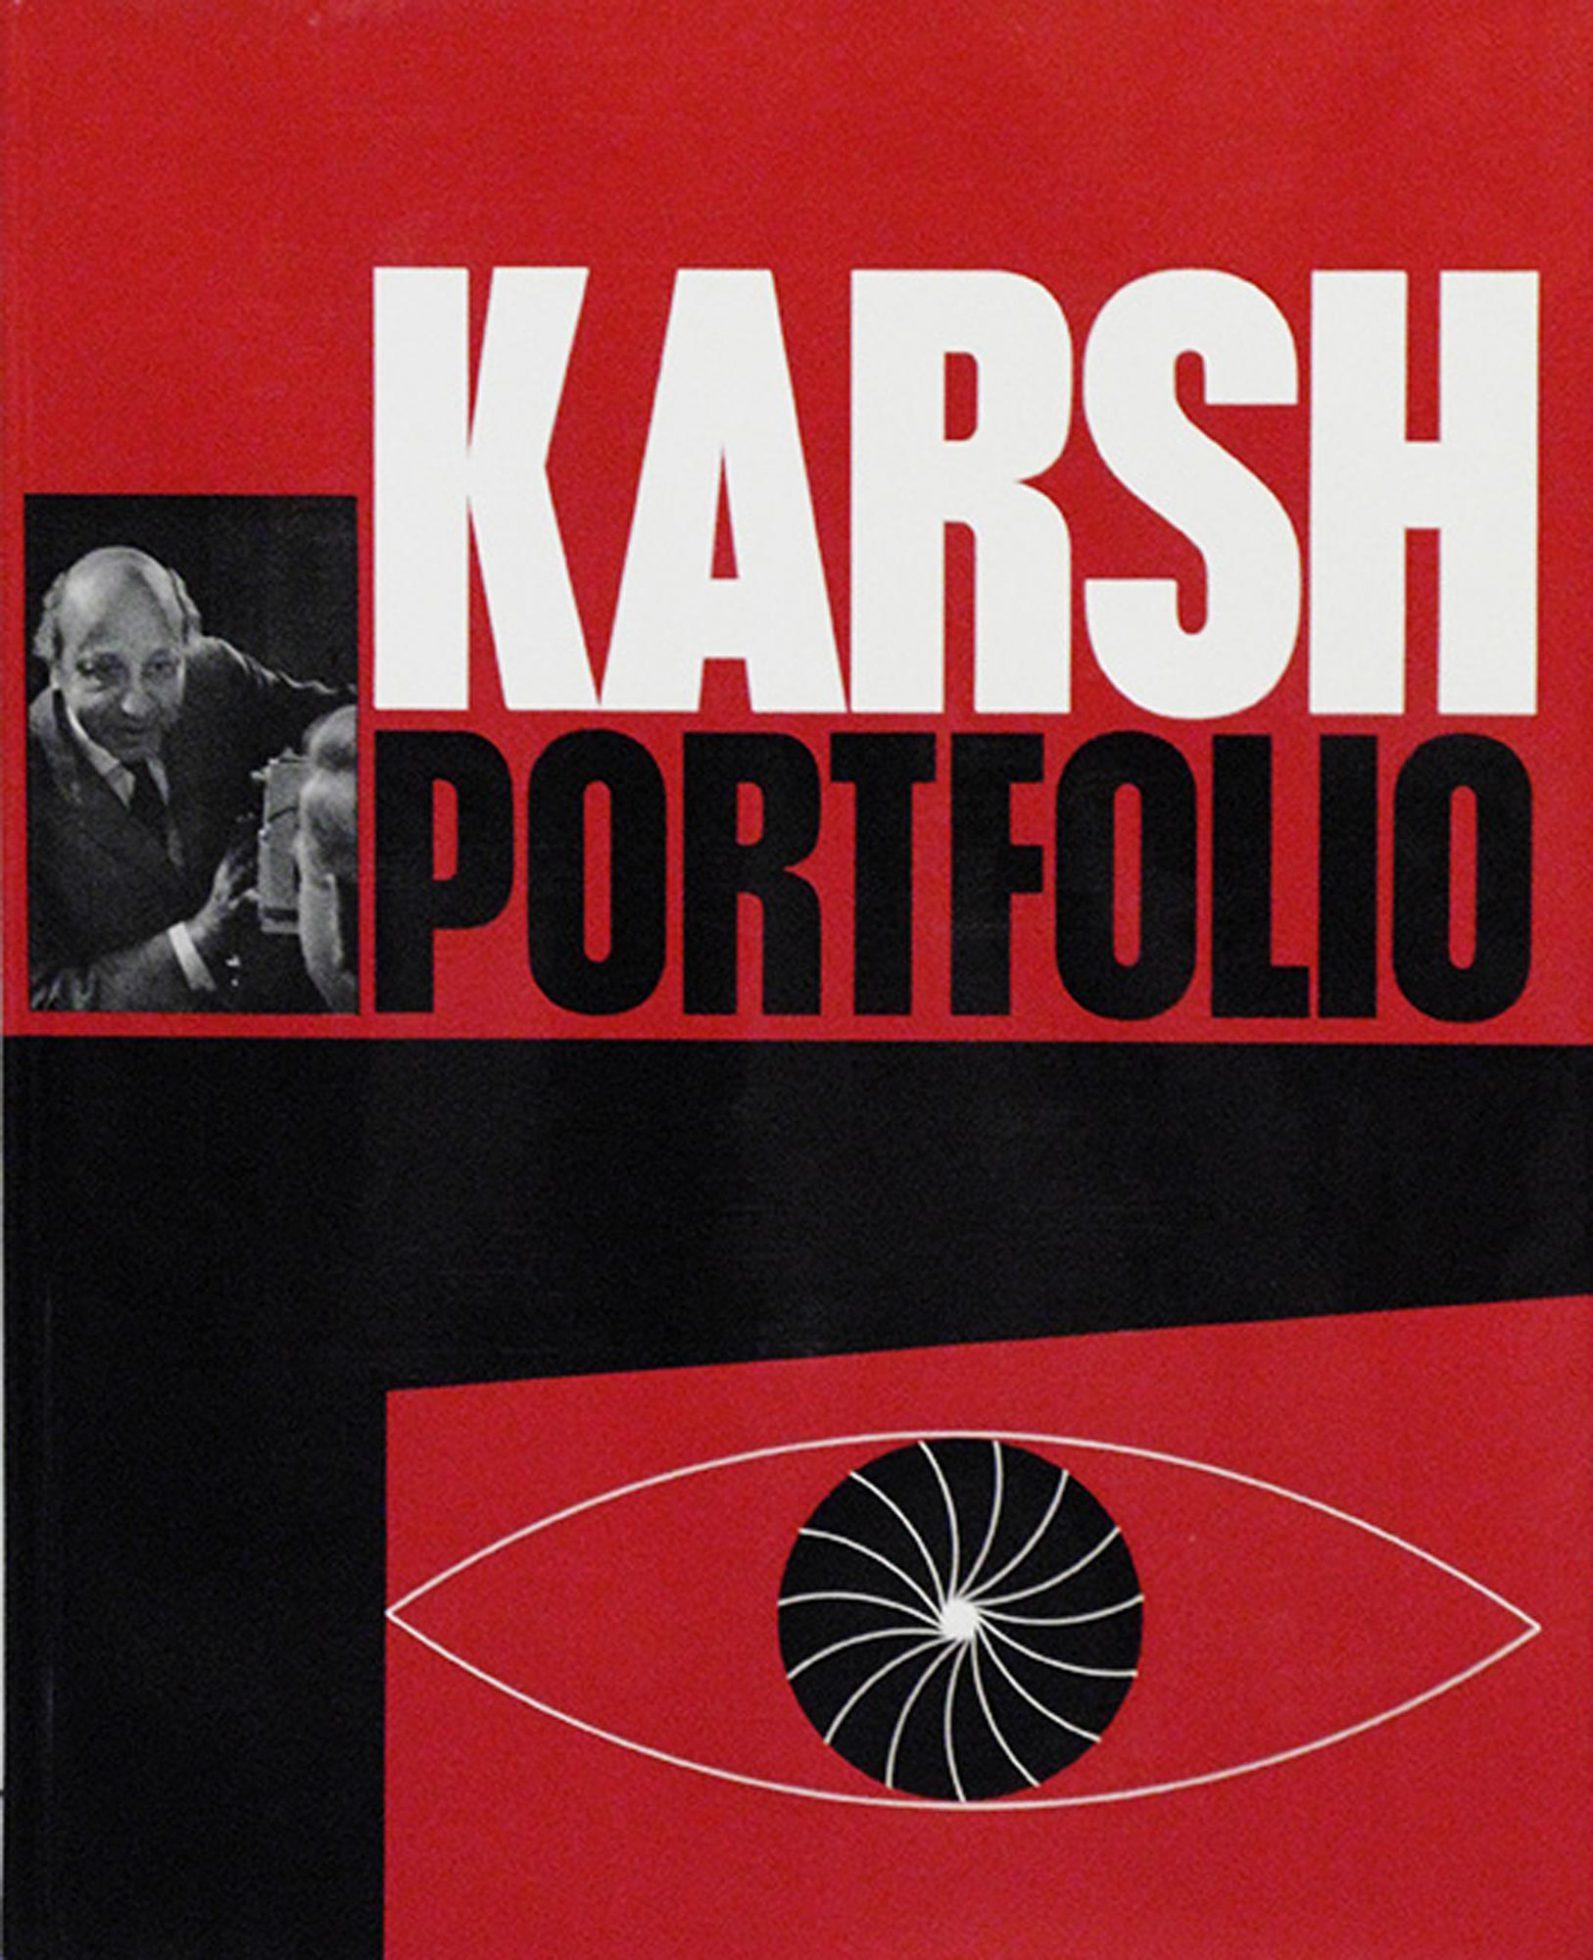 Karsh Portfolio